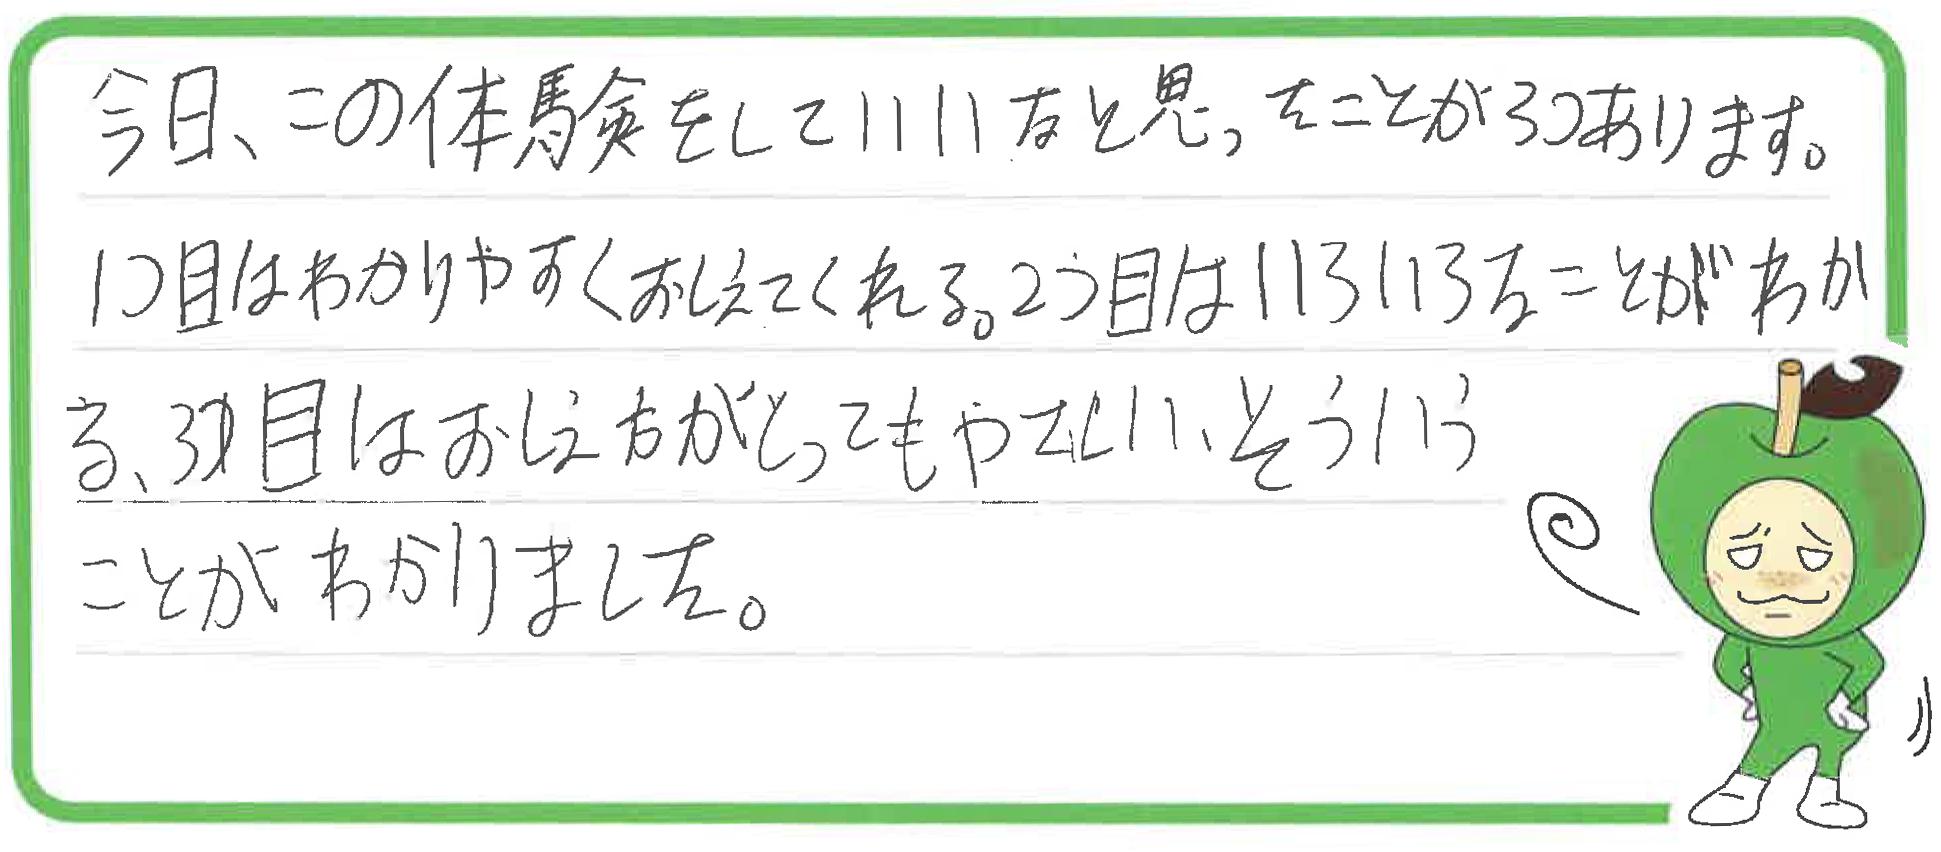 C君(七尾市)からの口コミ